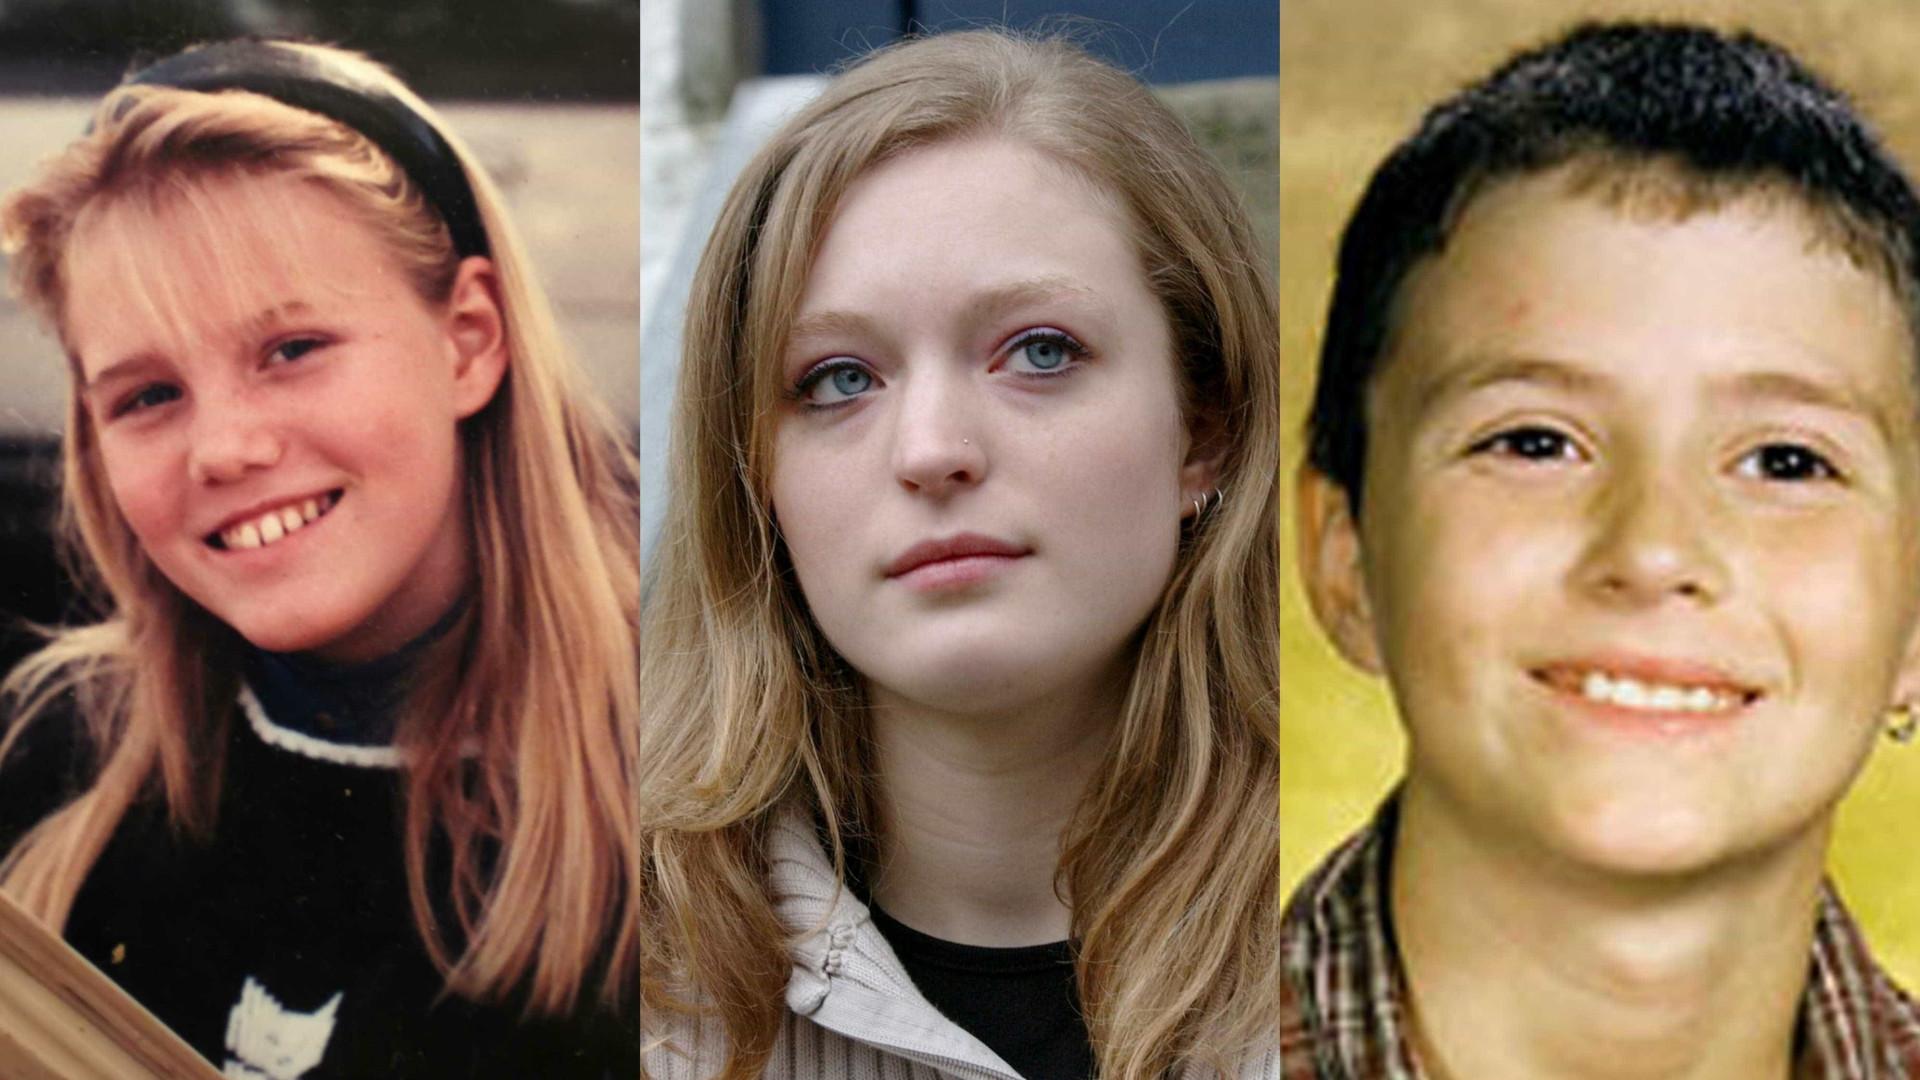 Os raptos mais famosos da História: Onde (e como) estão agora as vítimas?